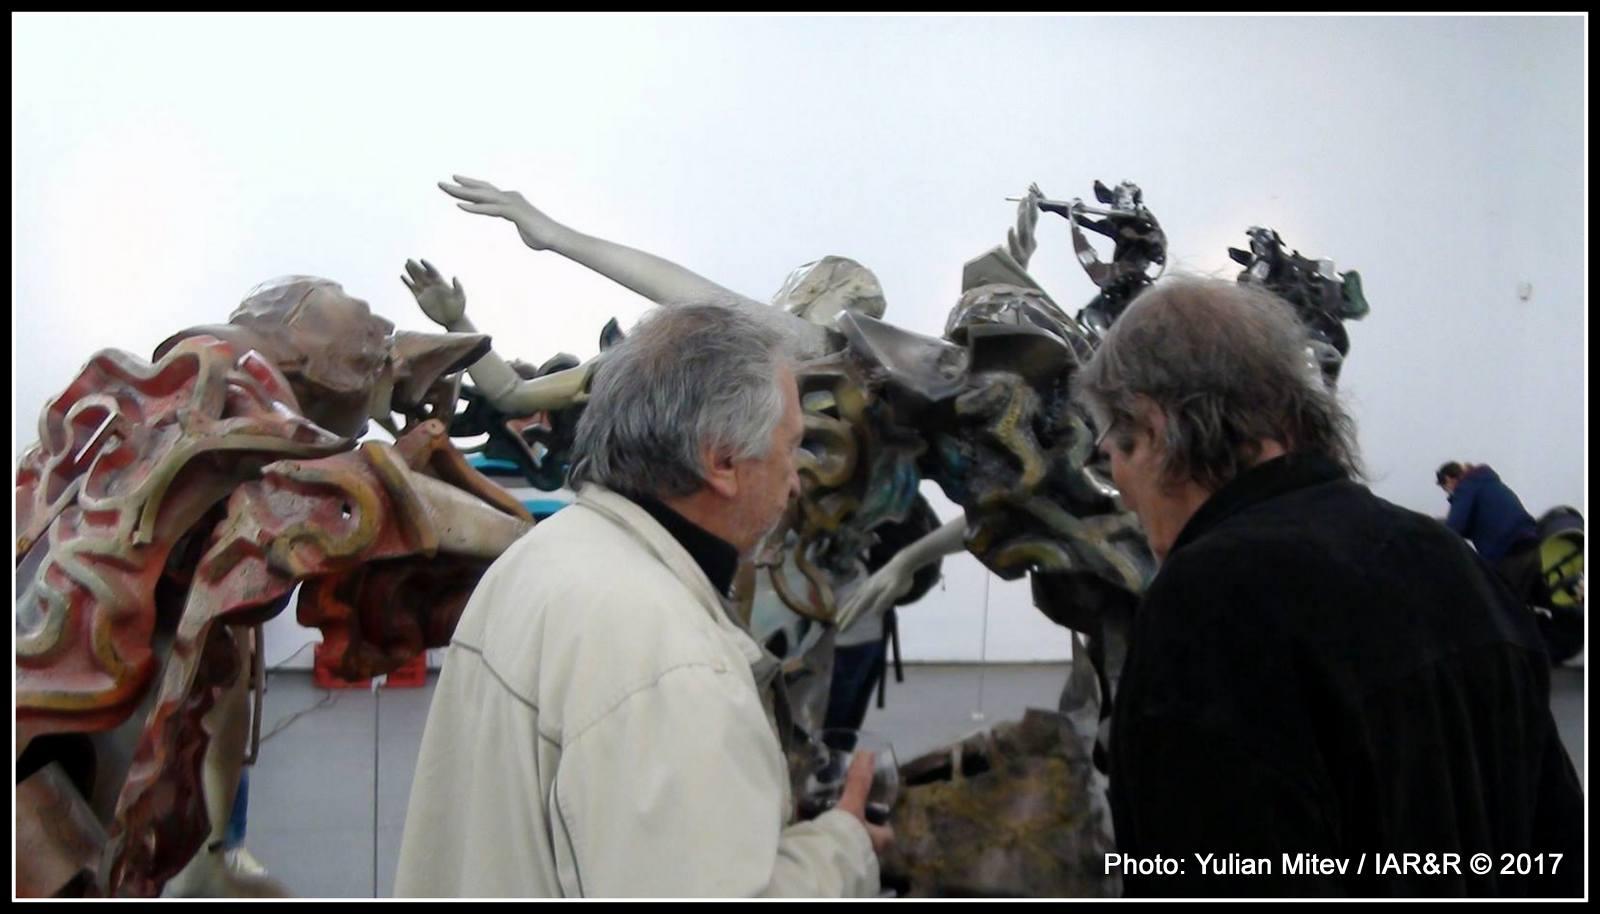 Въвеждащият изложбен елемент е внимателно разгледан и взаимно обсъден от многото художници и скулптори, дошли да поздравят своя колега